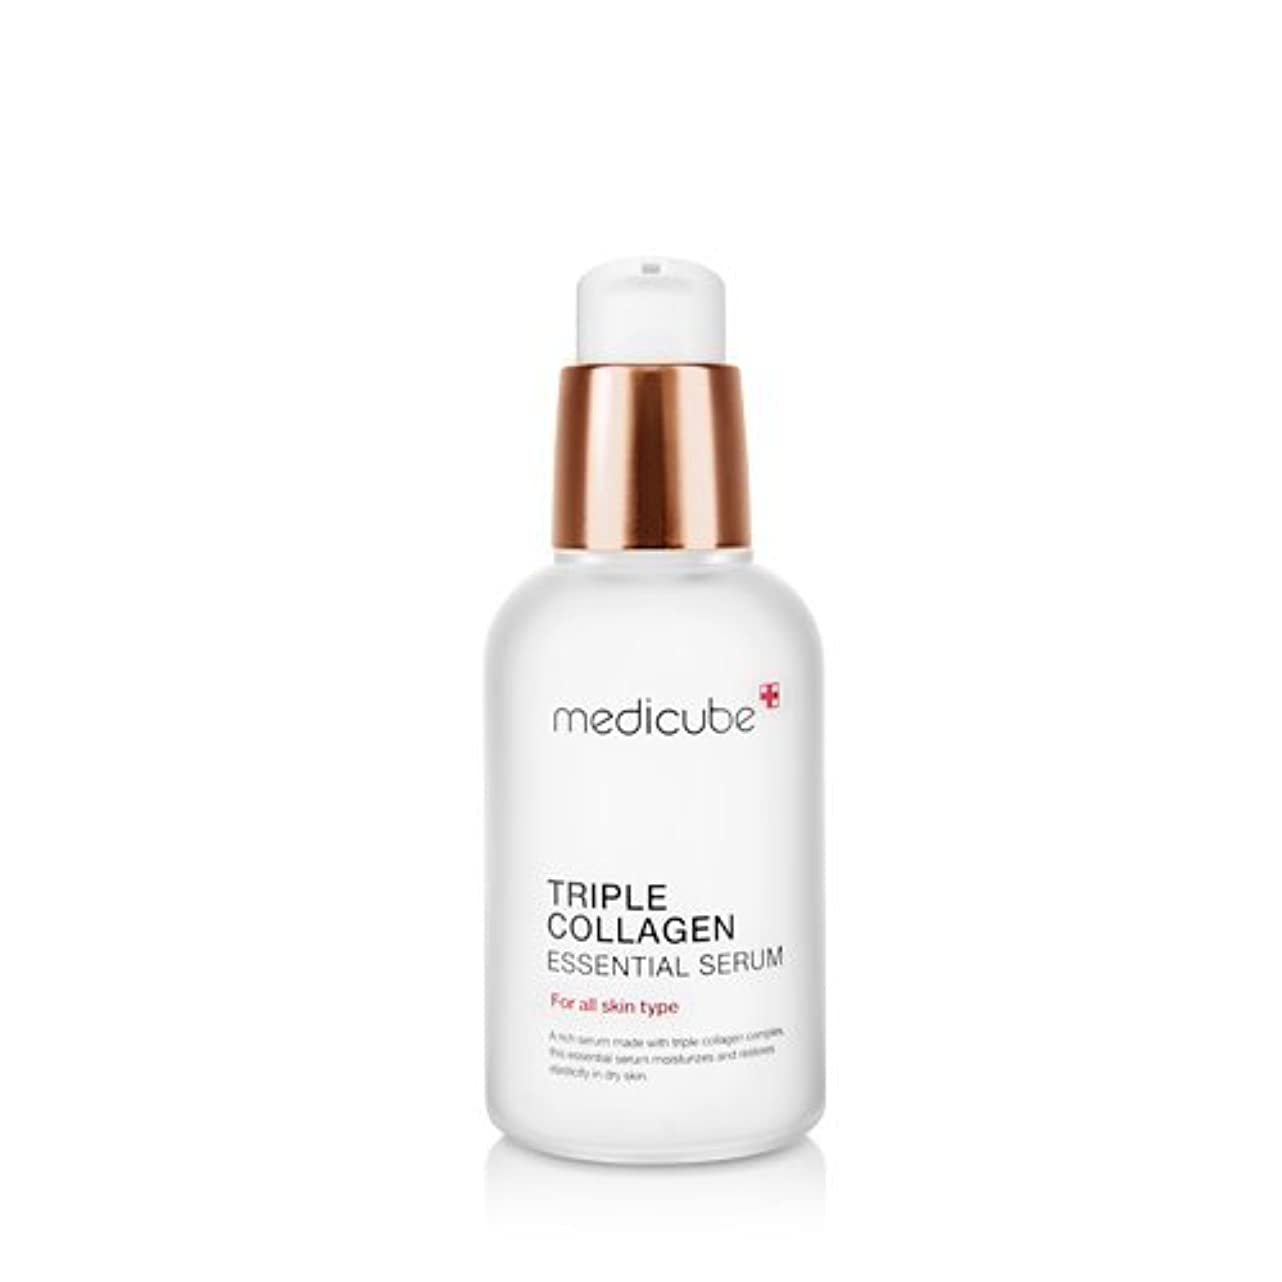 記念品どこでもめまいmedicube Triple Collagen Essential Serum 50ml/メディキューブ トリプル コラーゲン エッセンシャル セラム 50ml [並行輸入品]